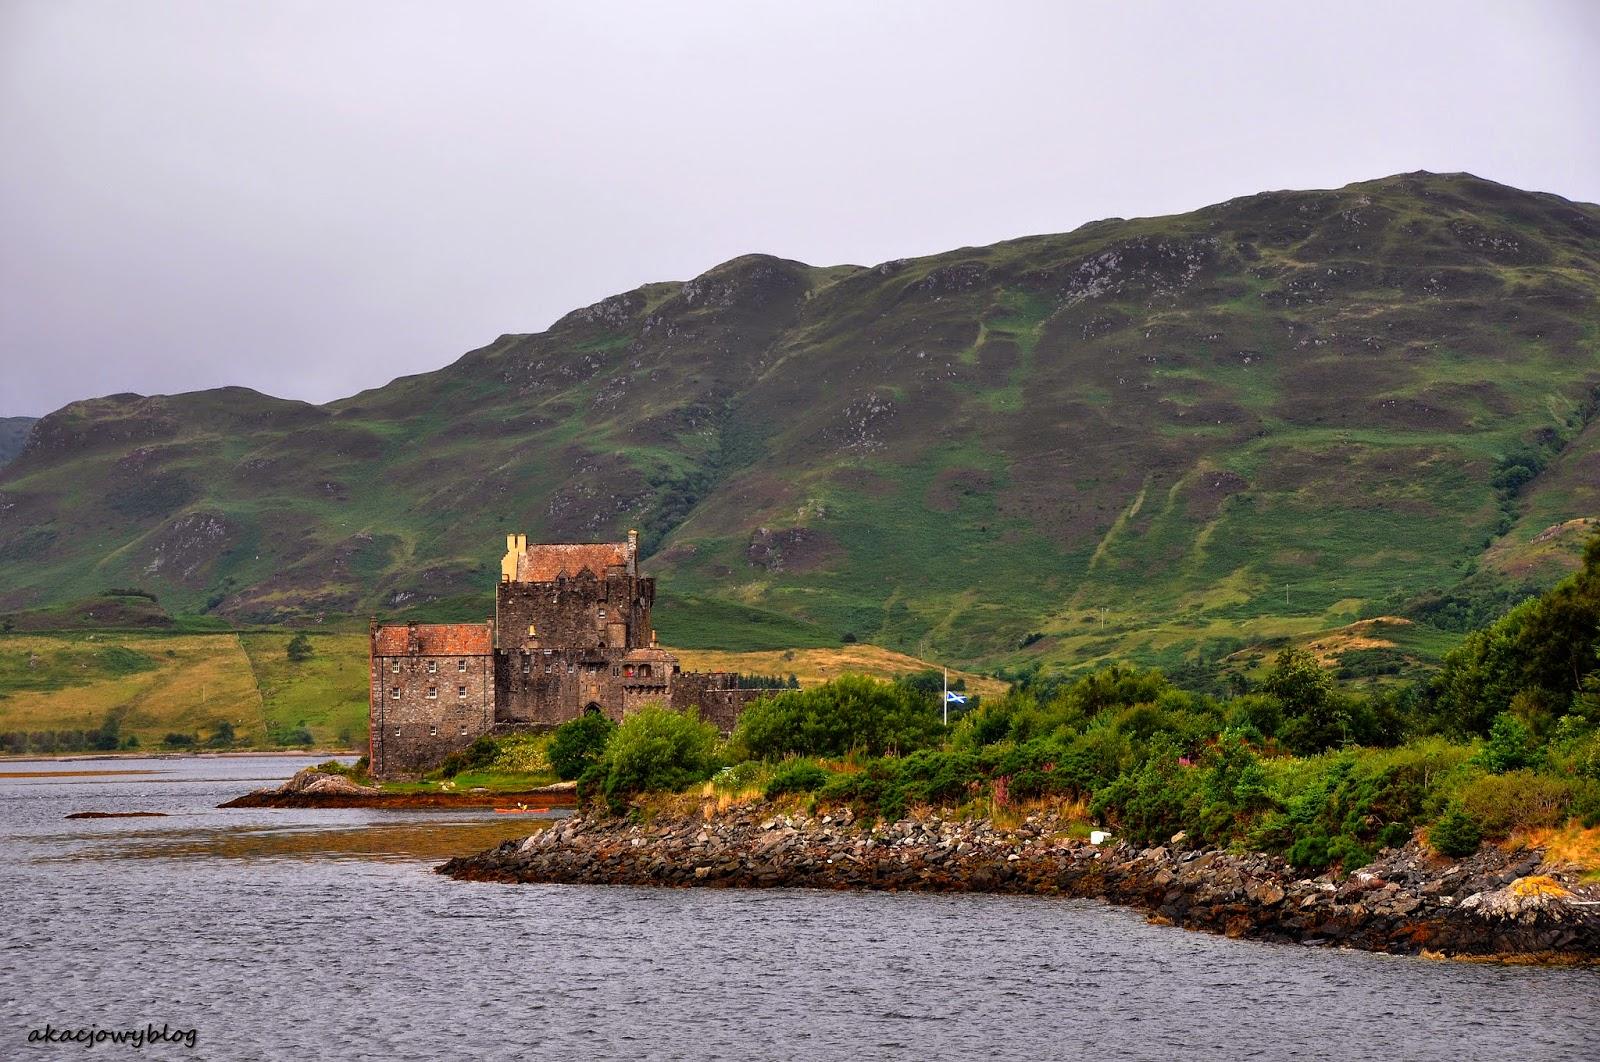 Spektakularne szkockie zamki - Eilean Donan.